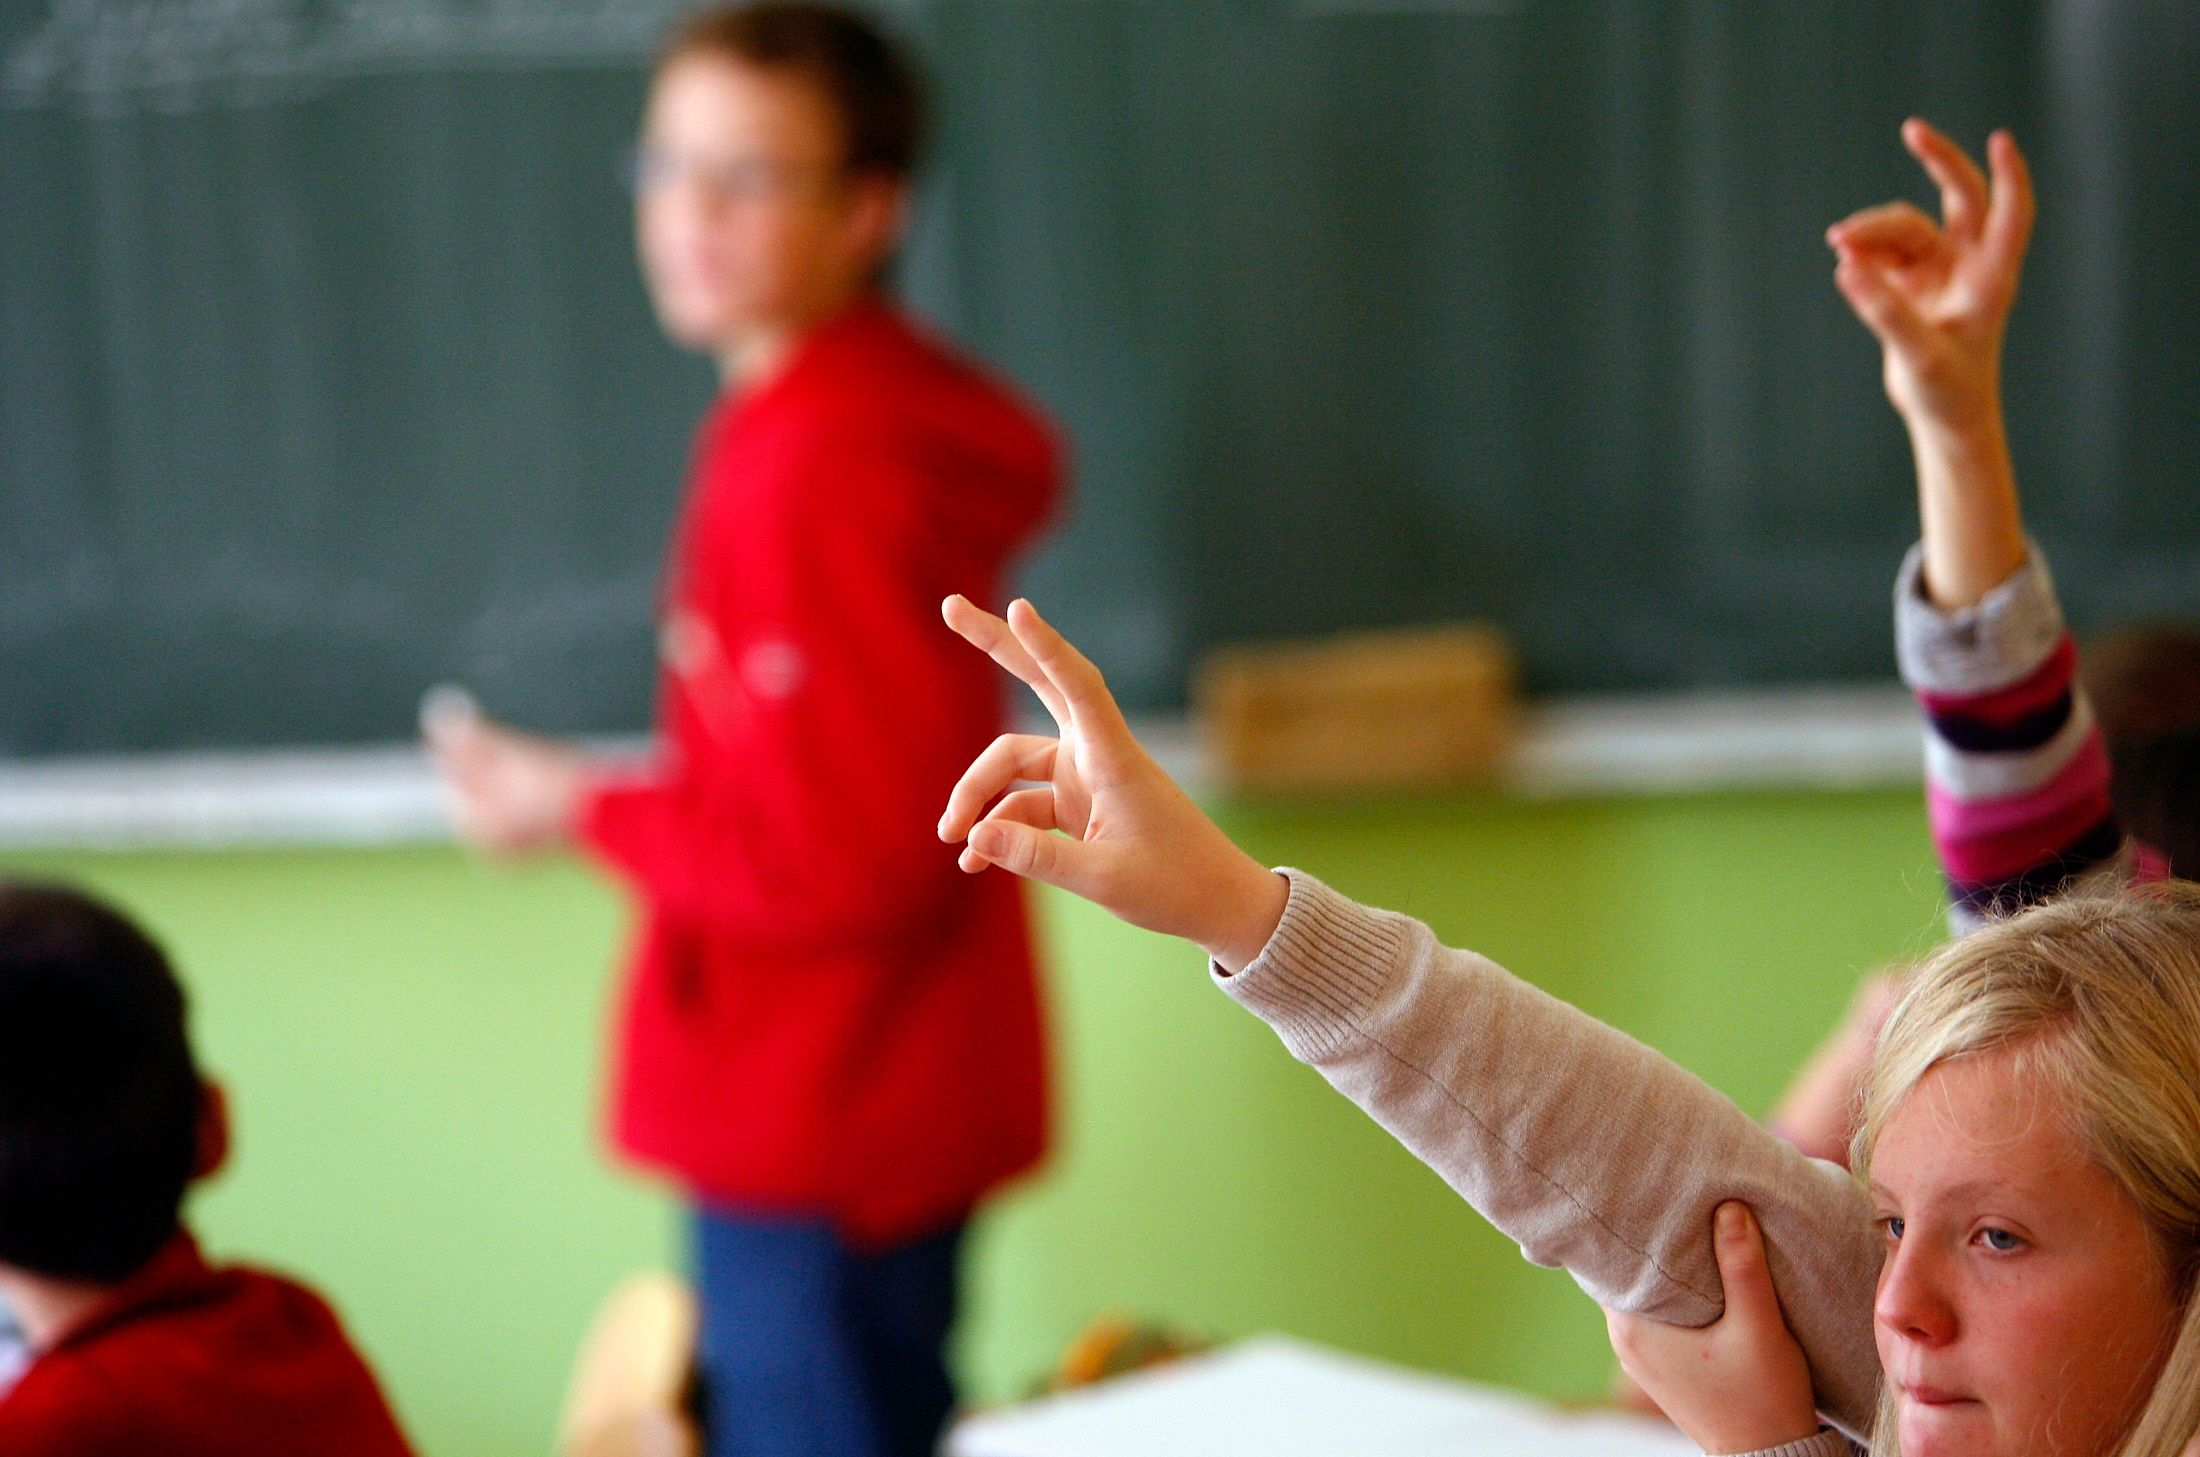 L'école et les inégalités : le rapport du CNESCO